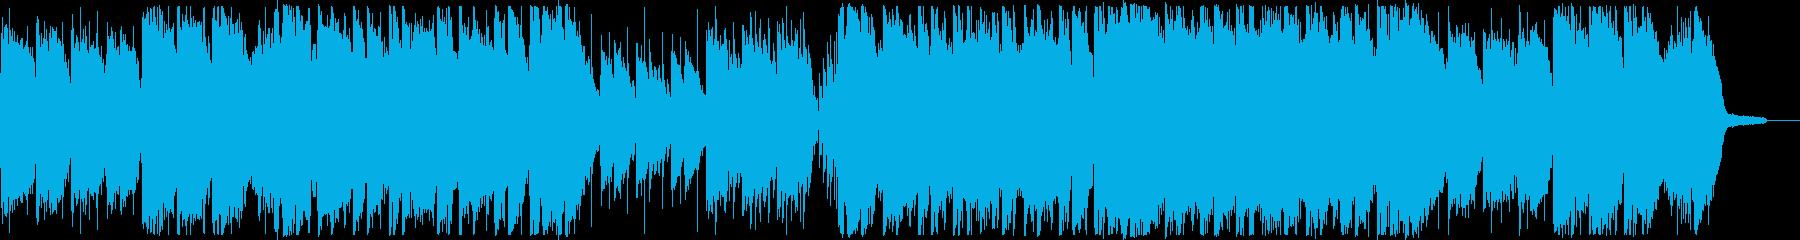 バラード・おしゃれな洋楽の再生済みの波形